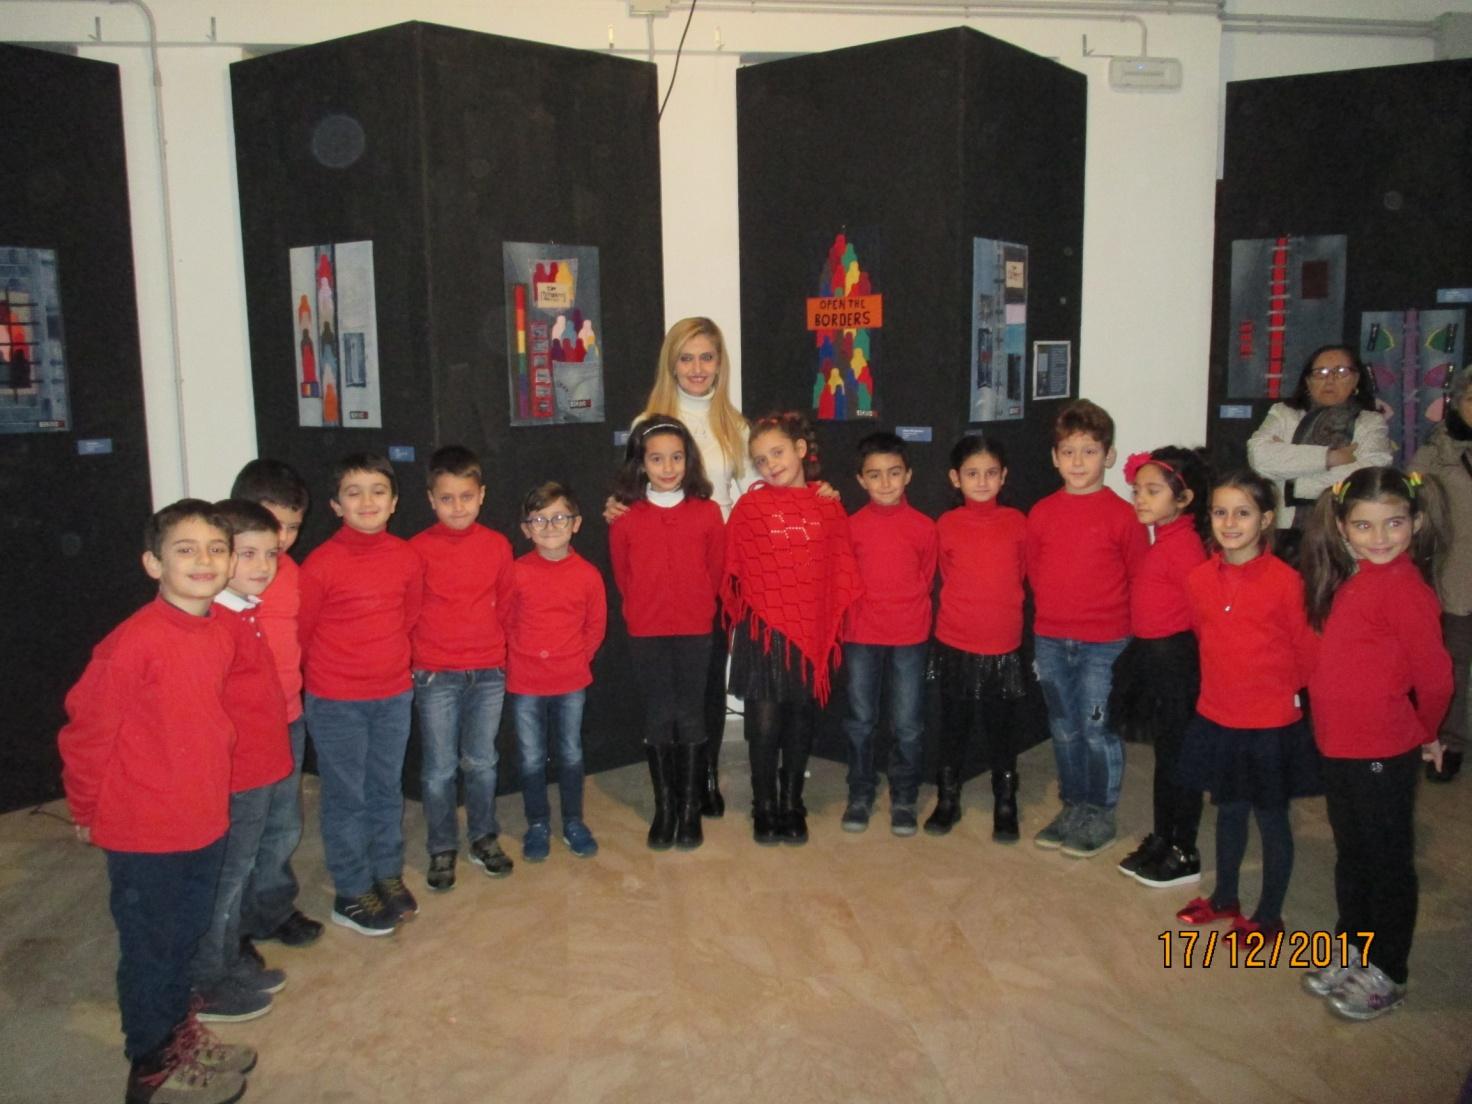 """Ponti Pialesi - Coro """"Costruiamo Ponti di Pace"""" - Classe II A Scuola Elementare Giovanni XXIII di Villa San Giovanni (RC)"""